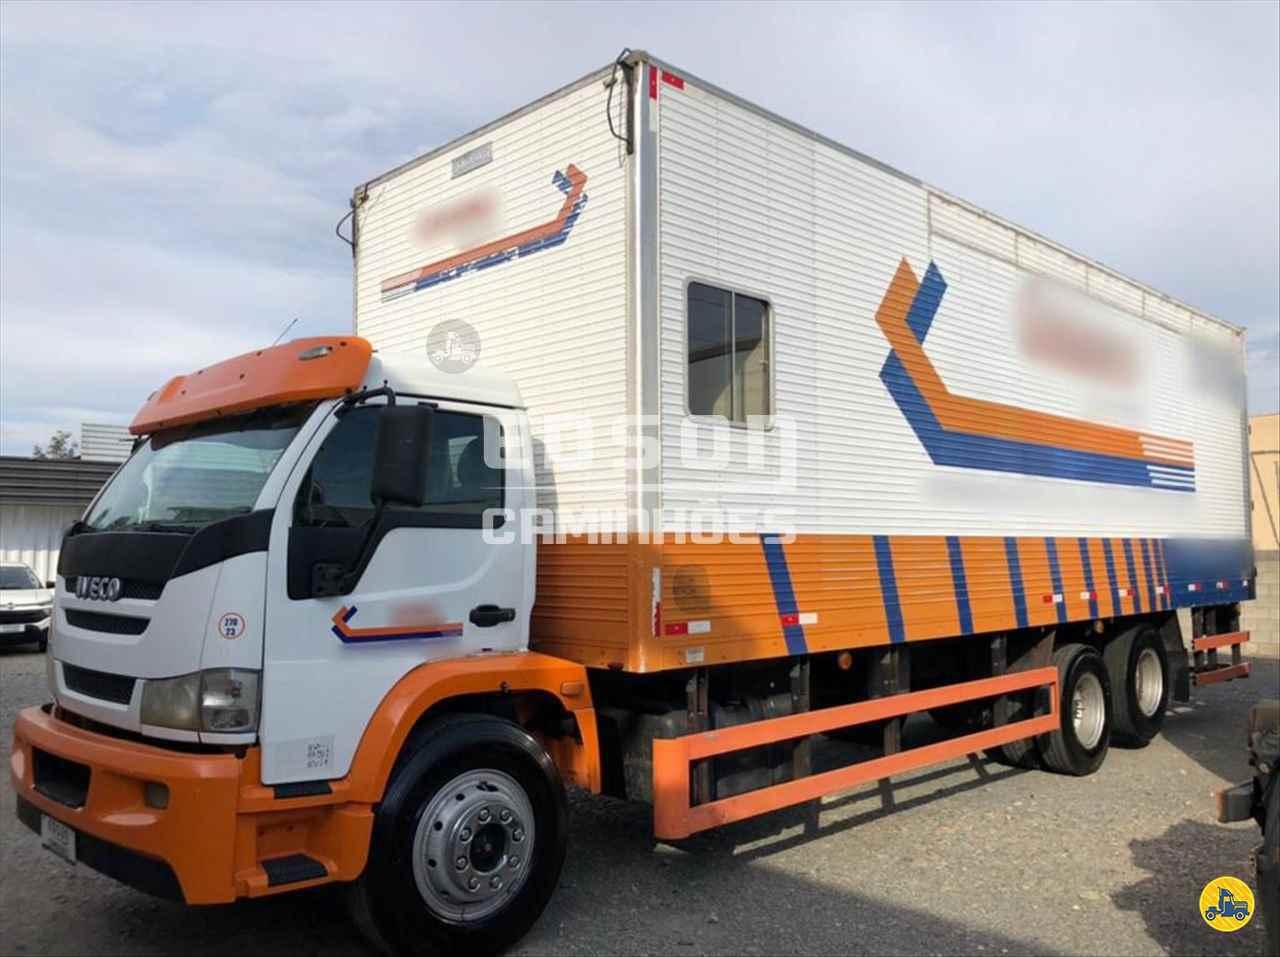 CAMINHAO IVECO VERTIS HD130V18 Baú Furgão Truck 6x2 Edson Caminhões CURITIBA PARANÁ PR